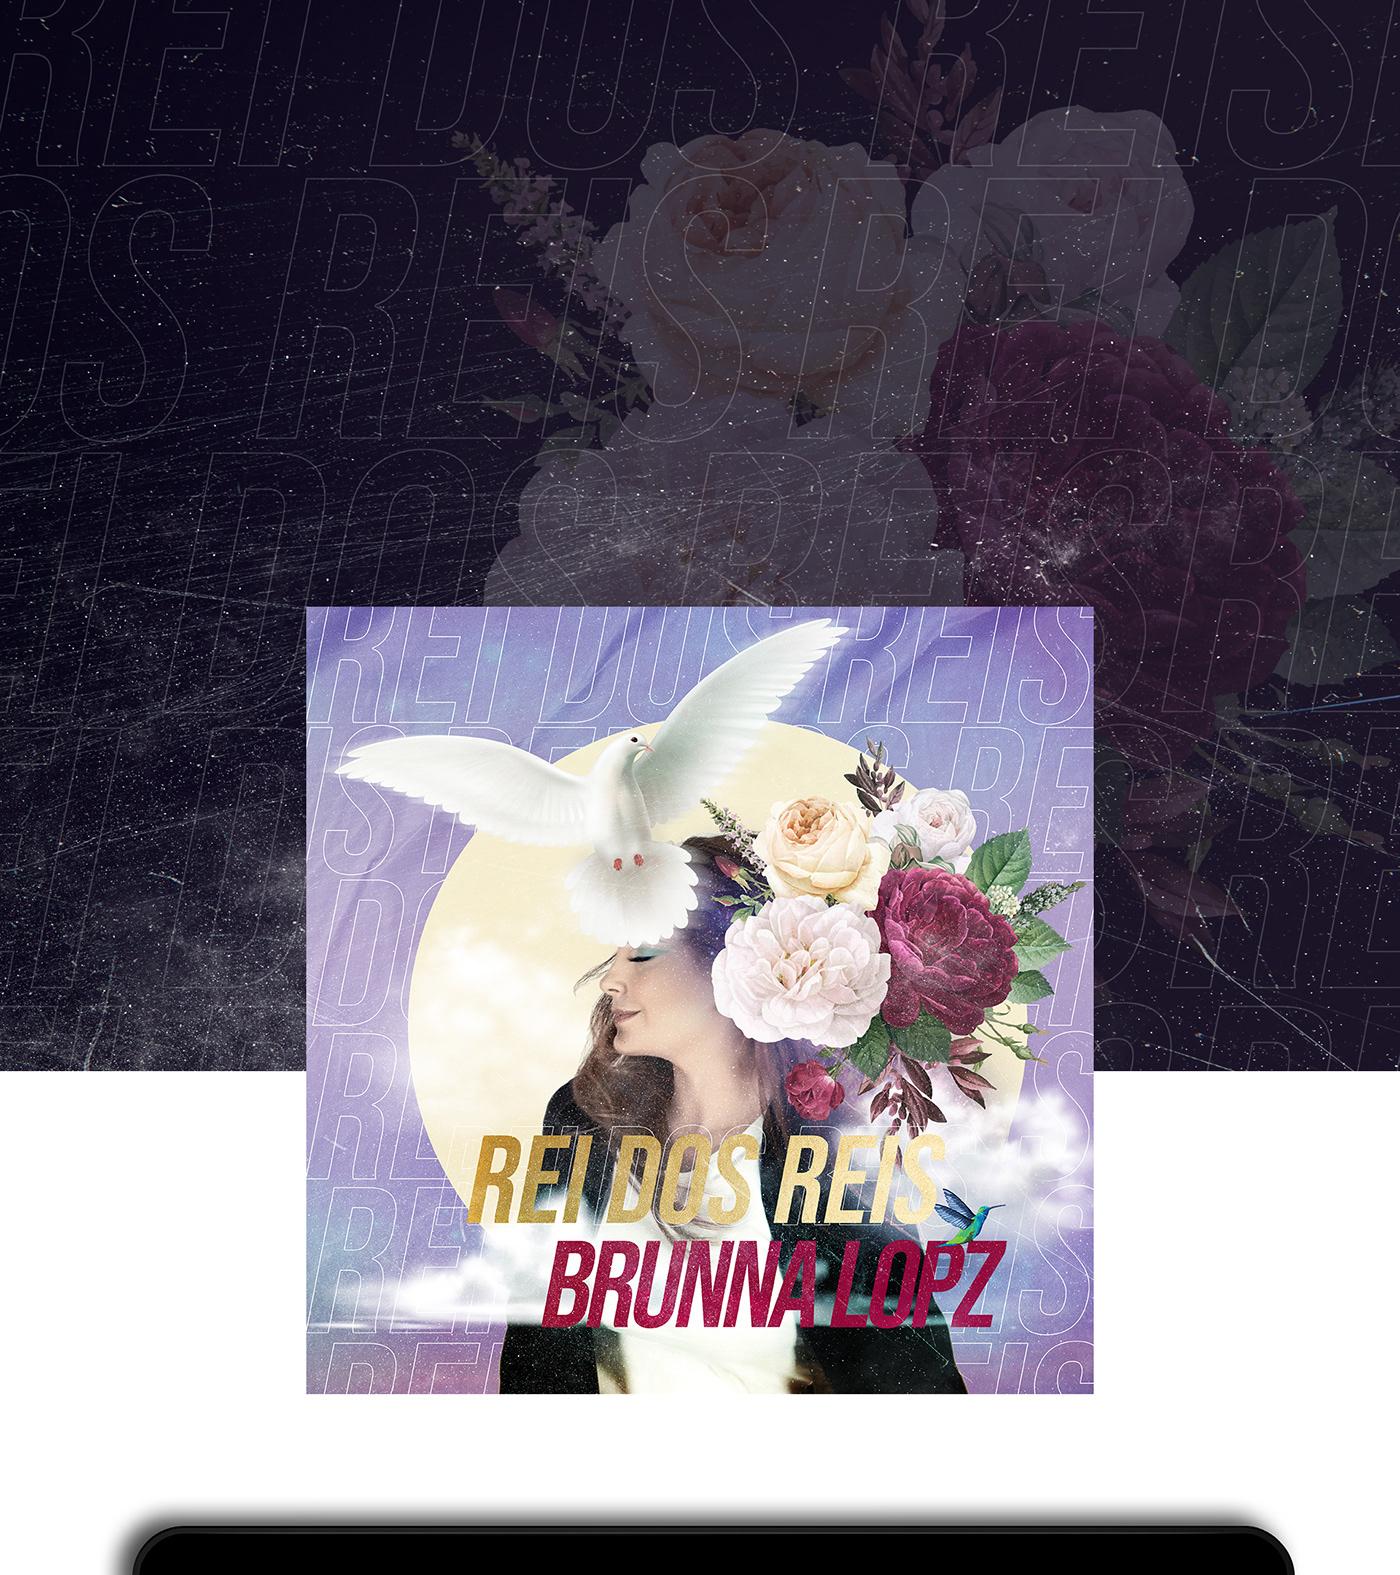 arte para cd arte para ep arte para single Capa de EP Capa de single CD cover design gráfica ep musica Single